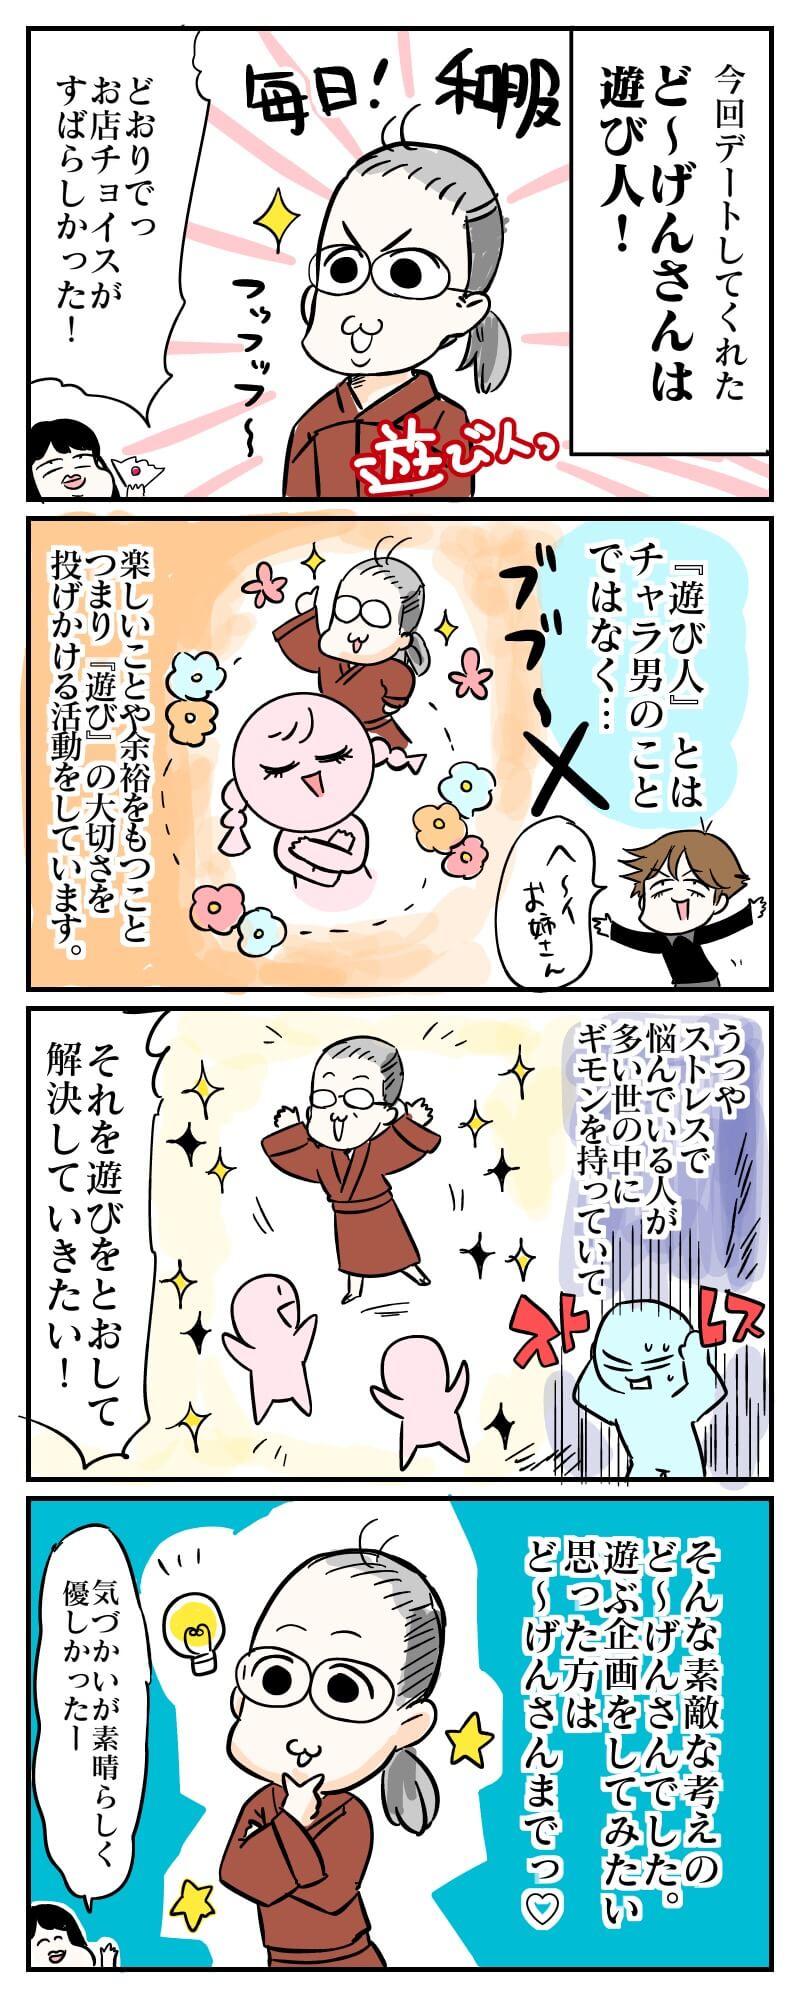 アラサーsns恋活マンガ5